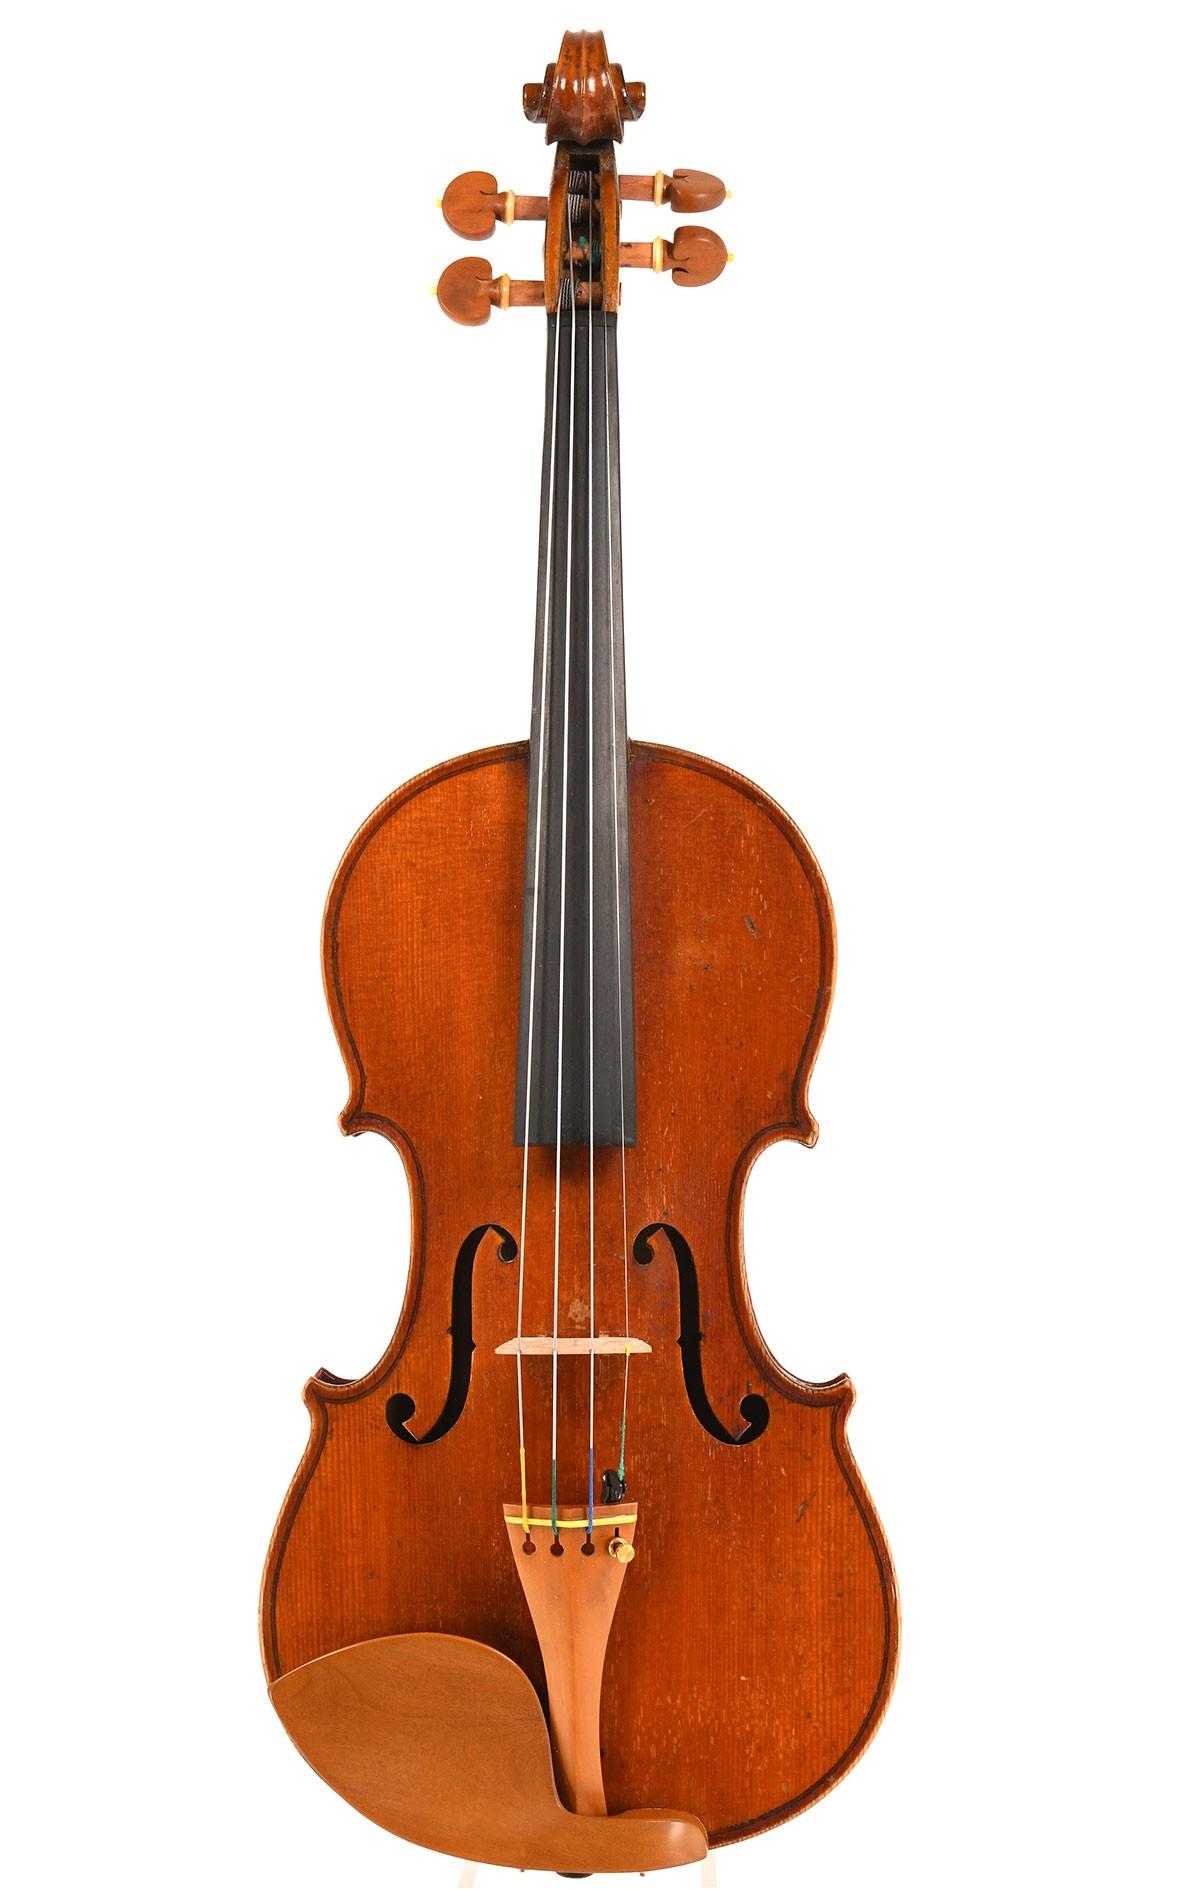 Violon français du 19ème siècle provenant de l'atelier Derazey à Mirecourt